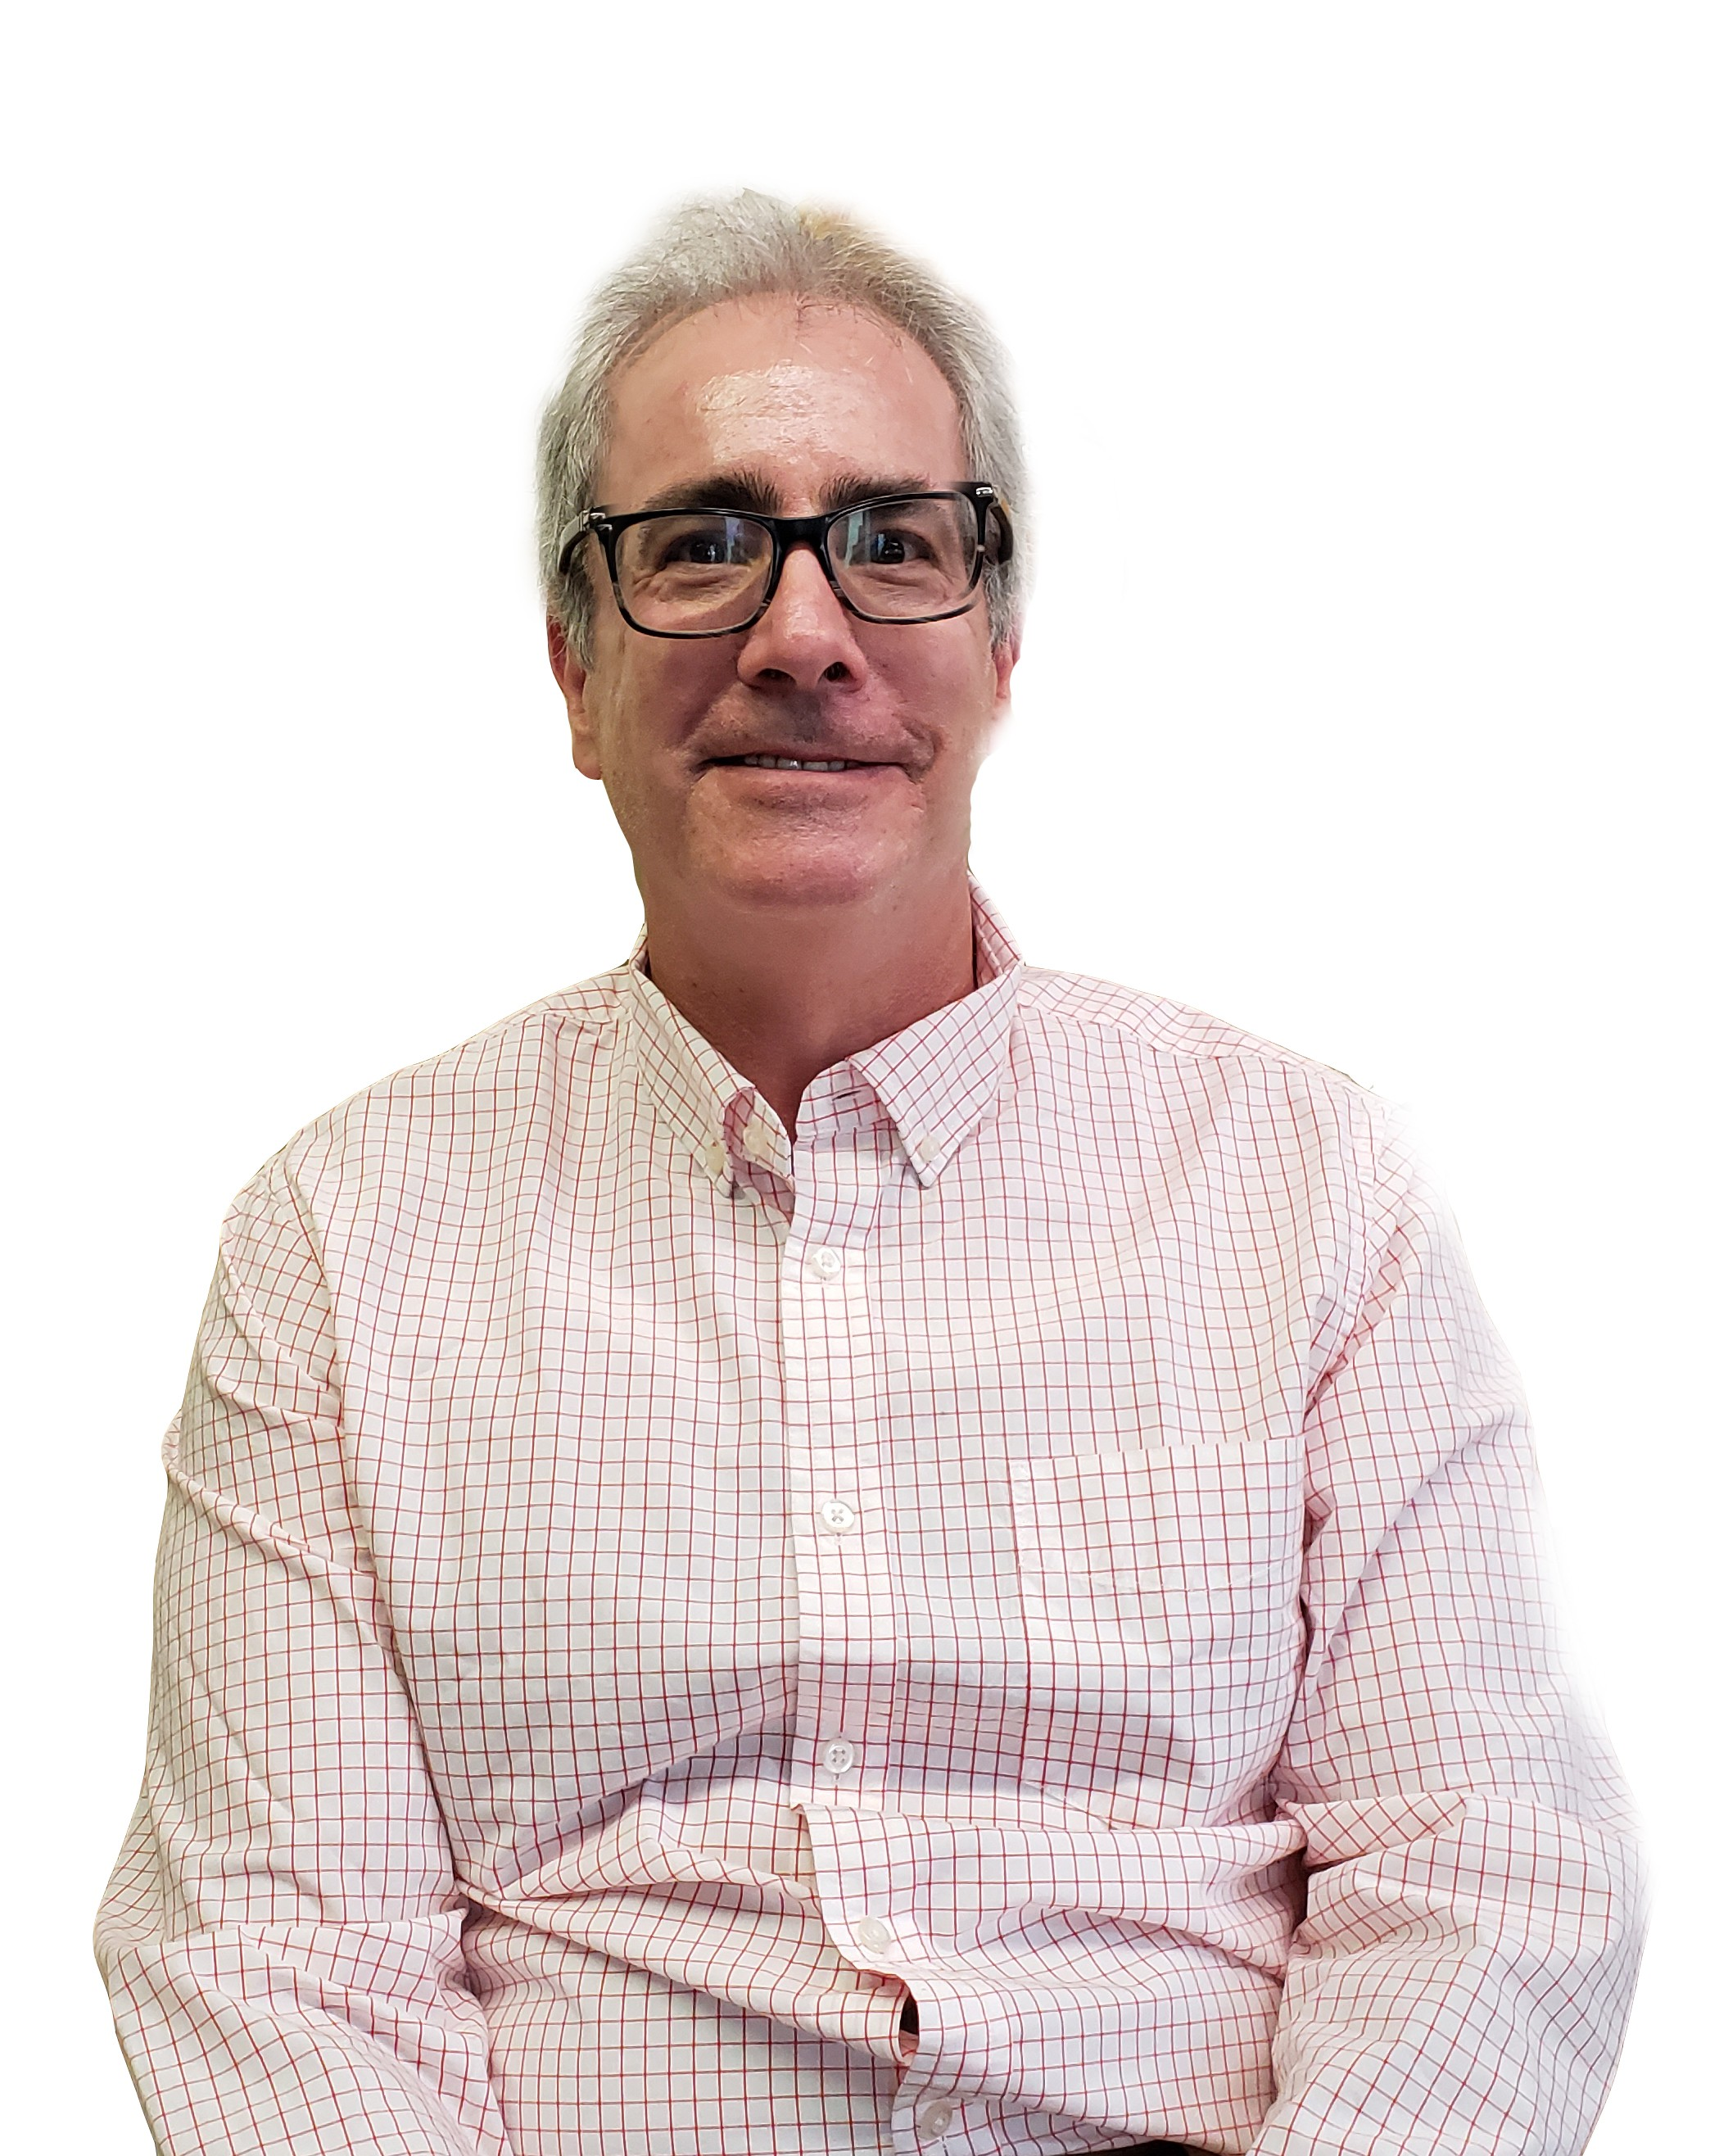 Gary Lakritz